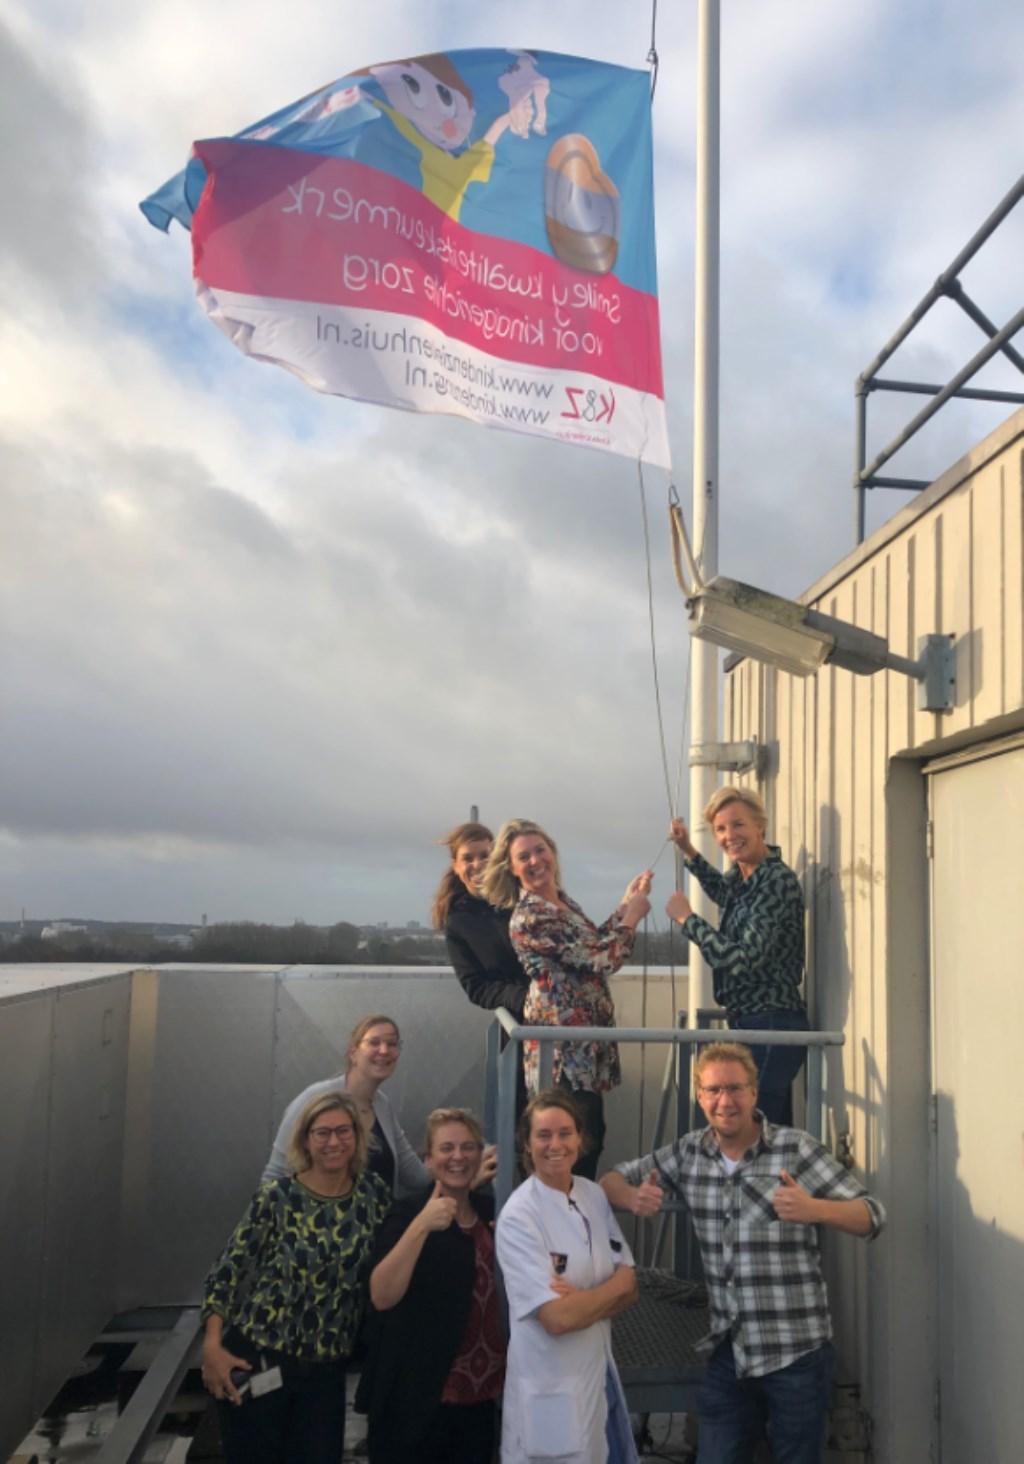 Het hijsen van de speciale Zilveren Smiley vlag op het dak van het ziekenhuis.